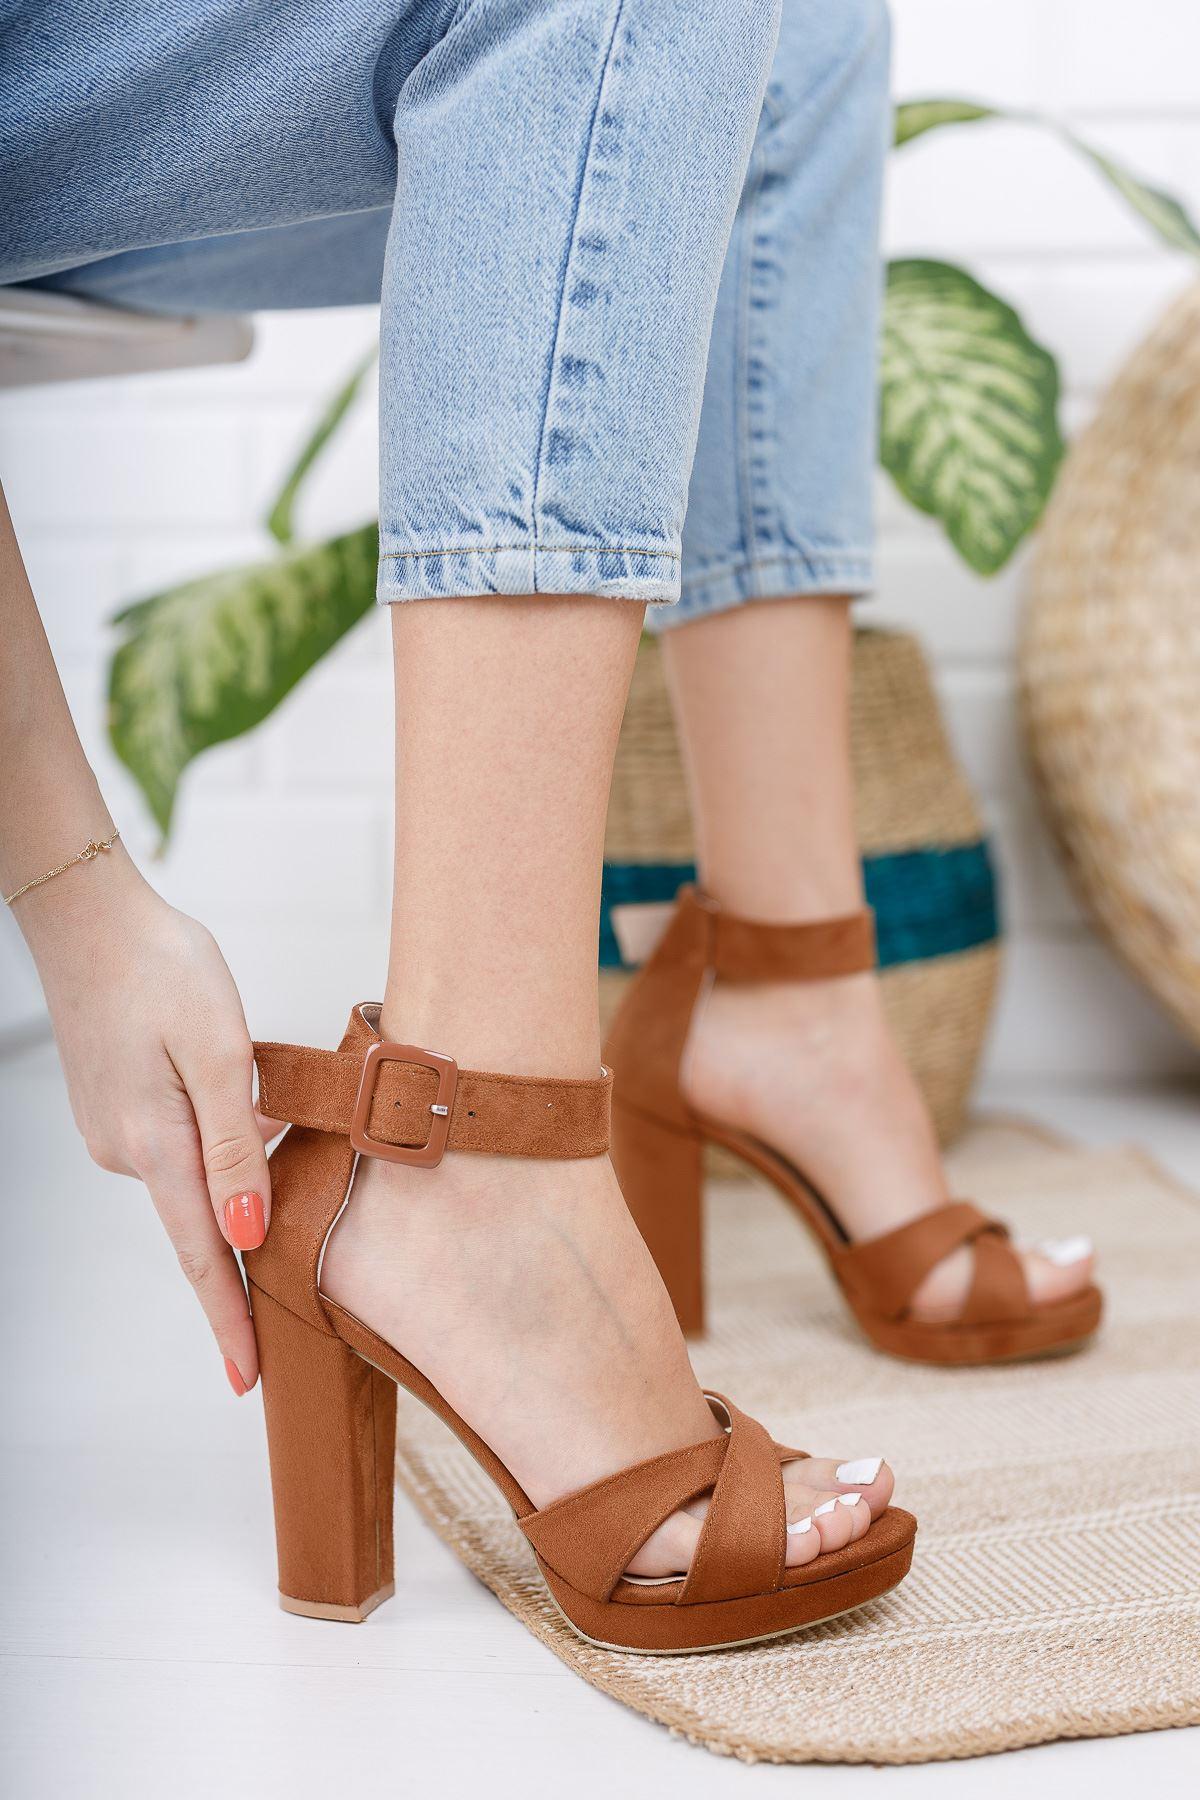 Kadın Loked Yüksek Topuklu Çapraz Bantlı Taba Süet Tek Bant Ayakkabı